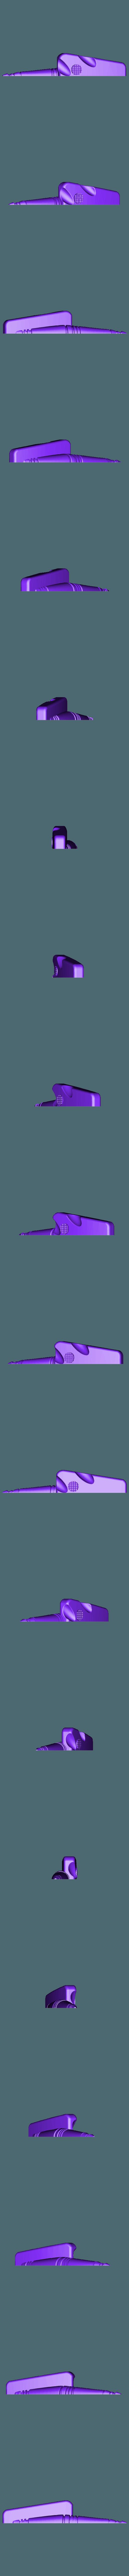 scalosian_part_2_v2.stl Télécharger fichier STL gratuit Arme scalosienne TOS • Objet à imprimer en 3D, poblocki1982